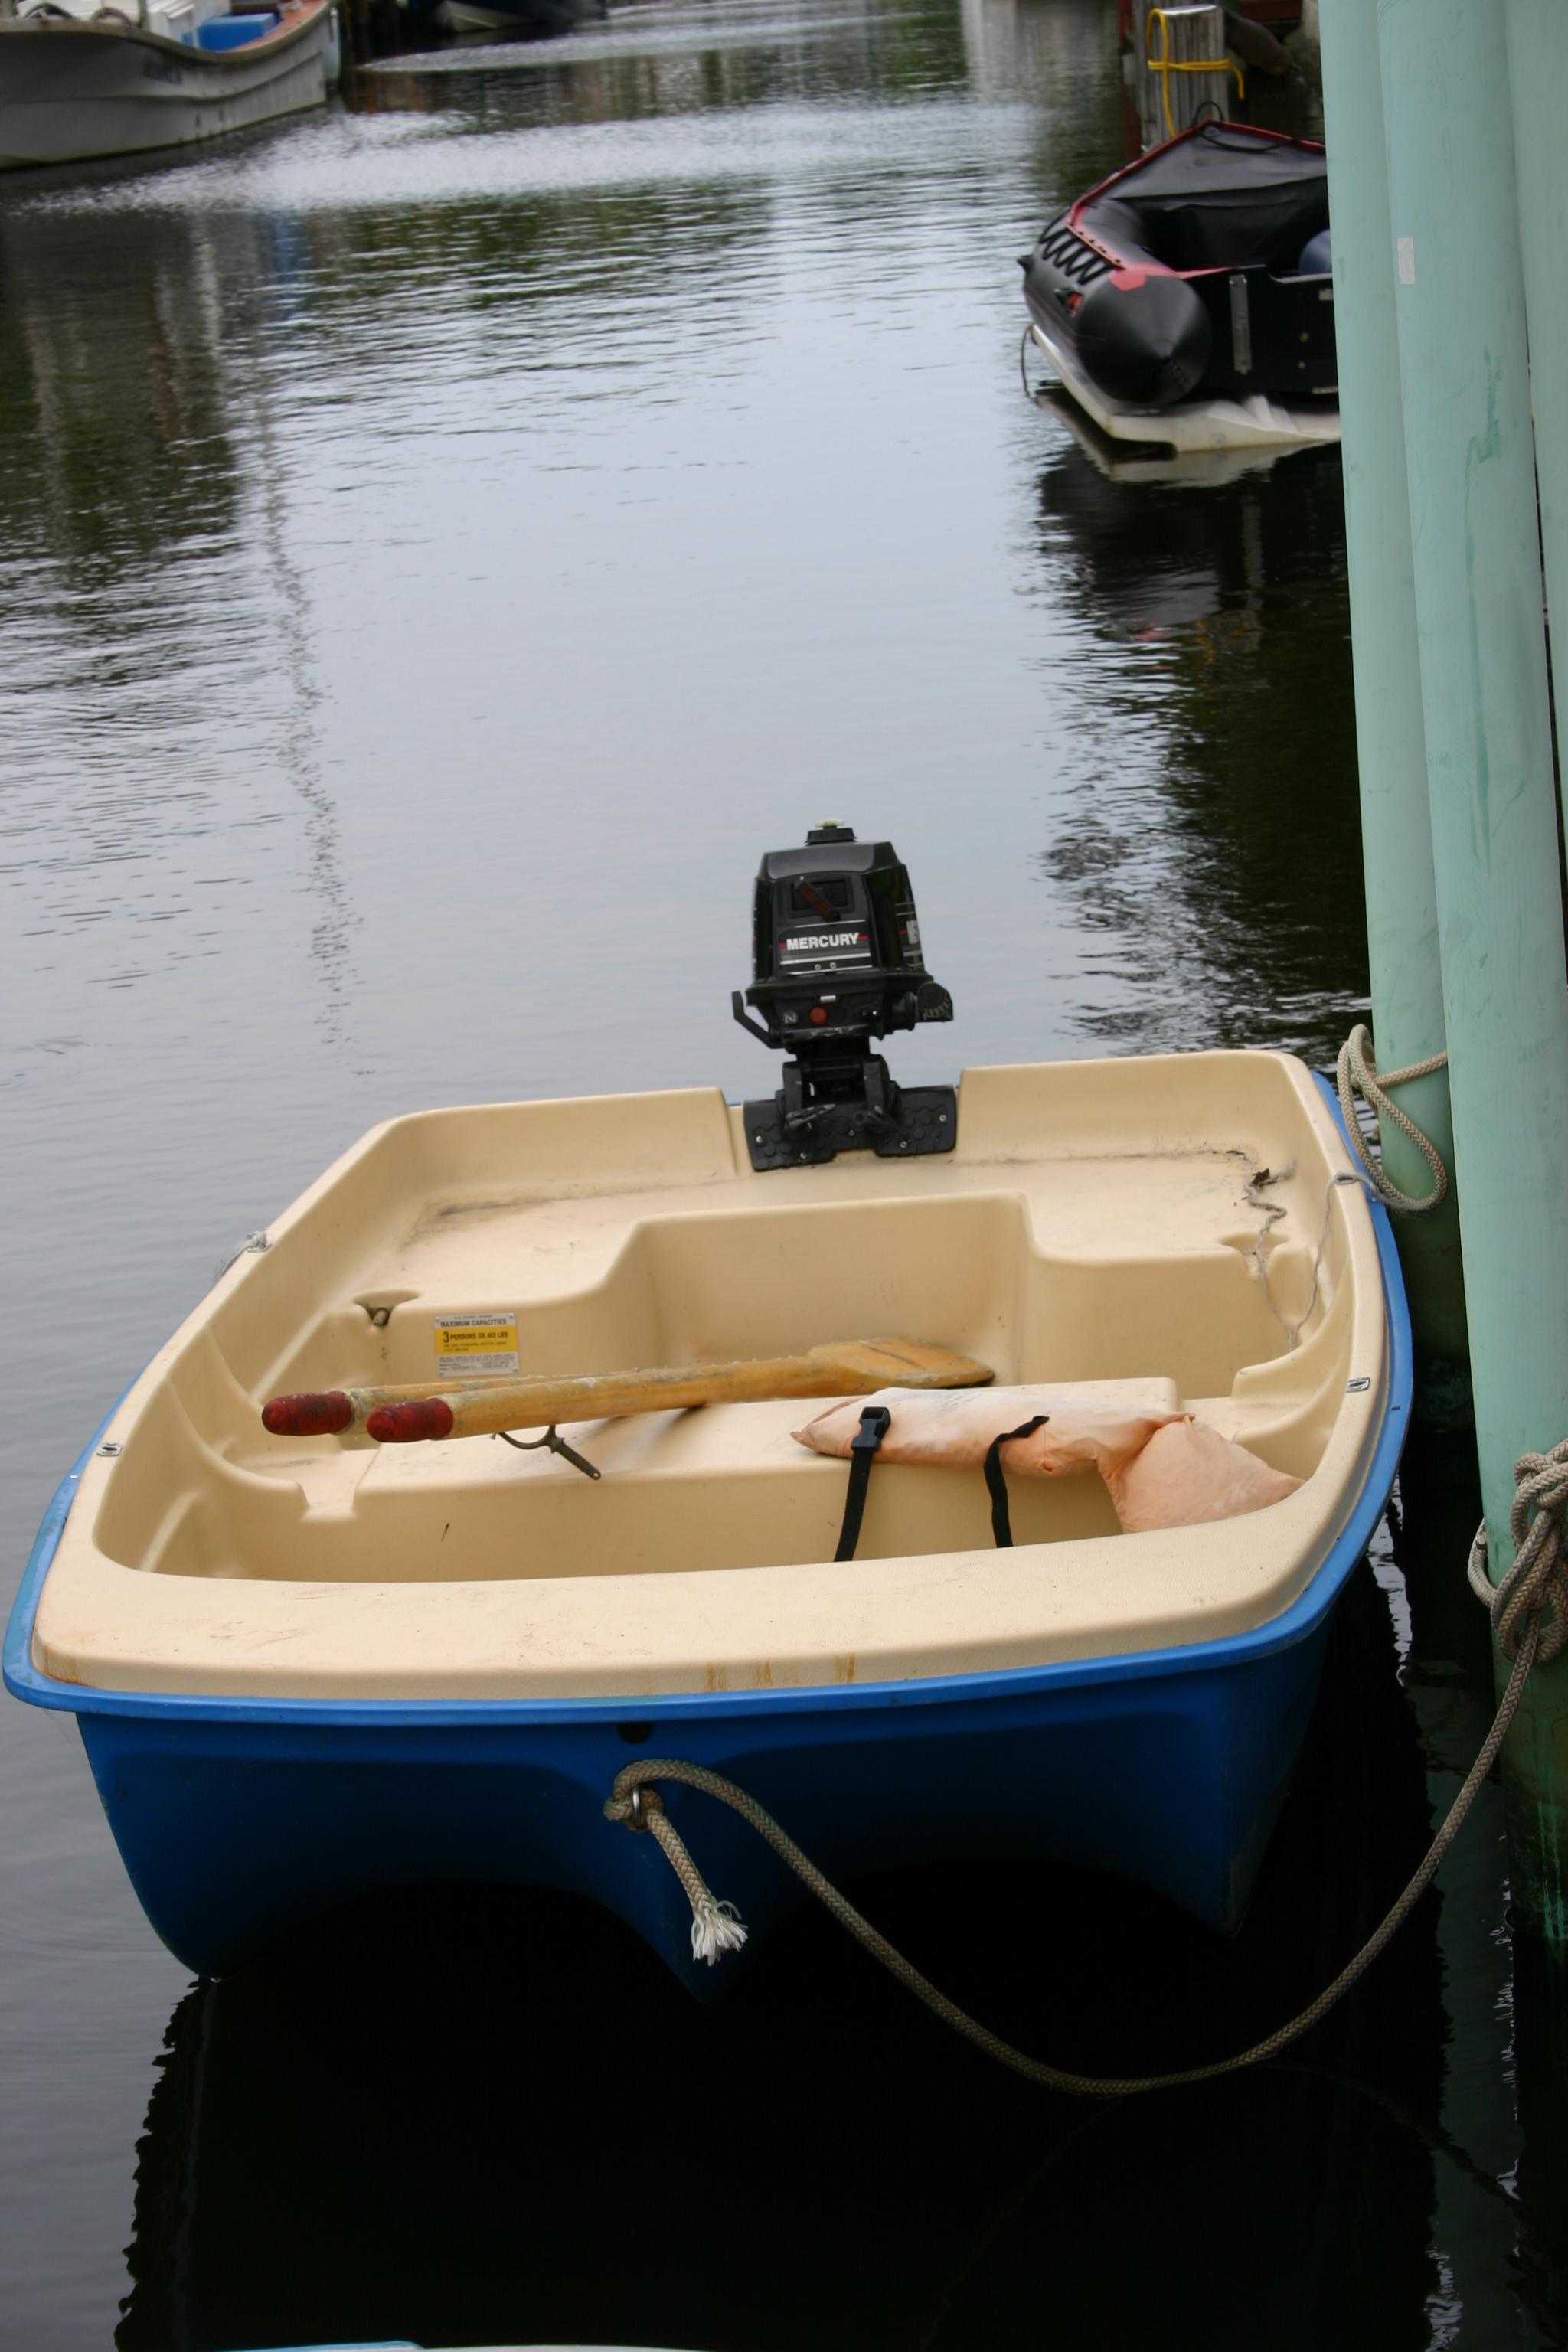 1abluboat